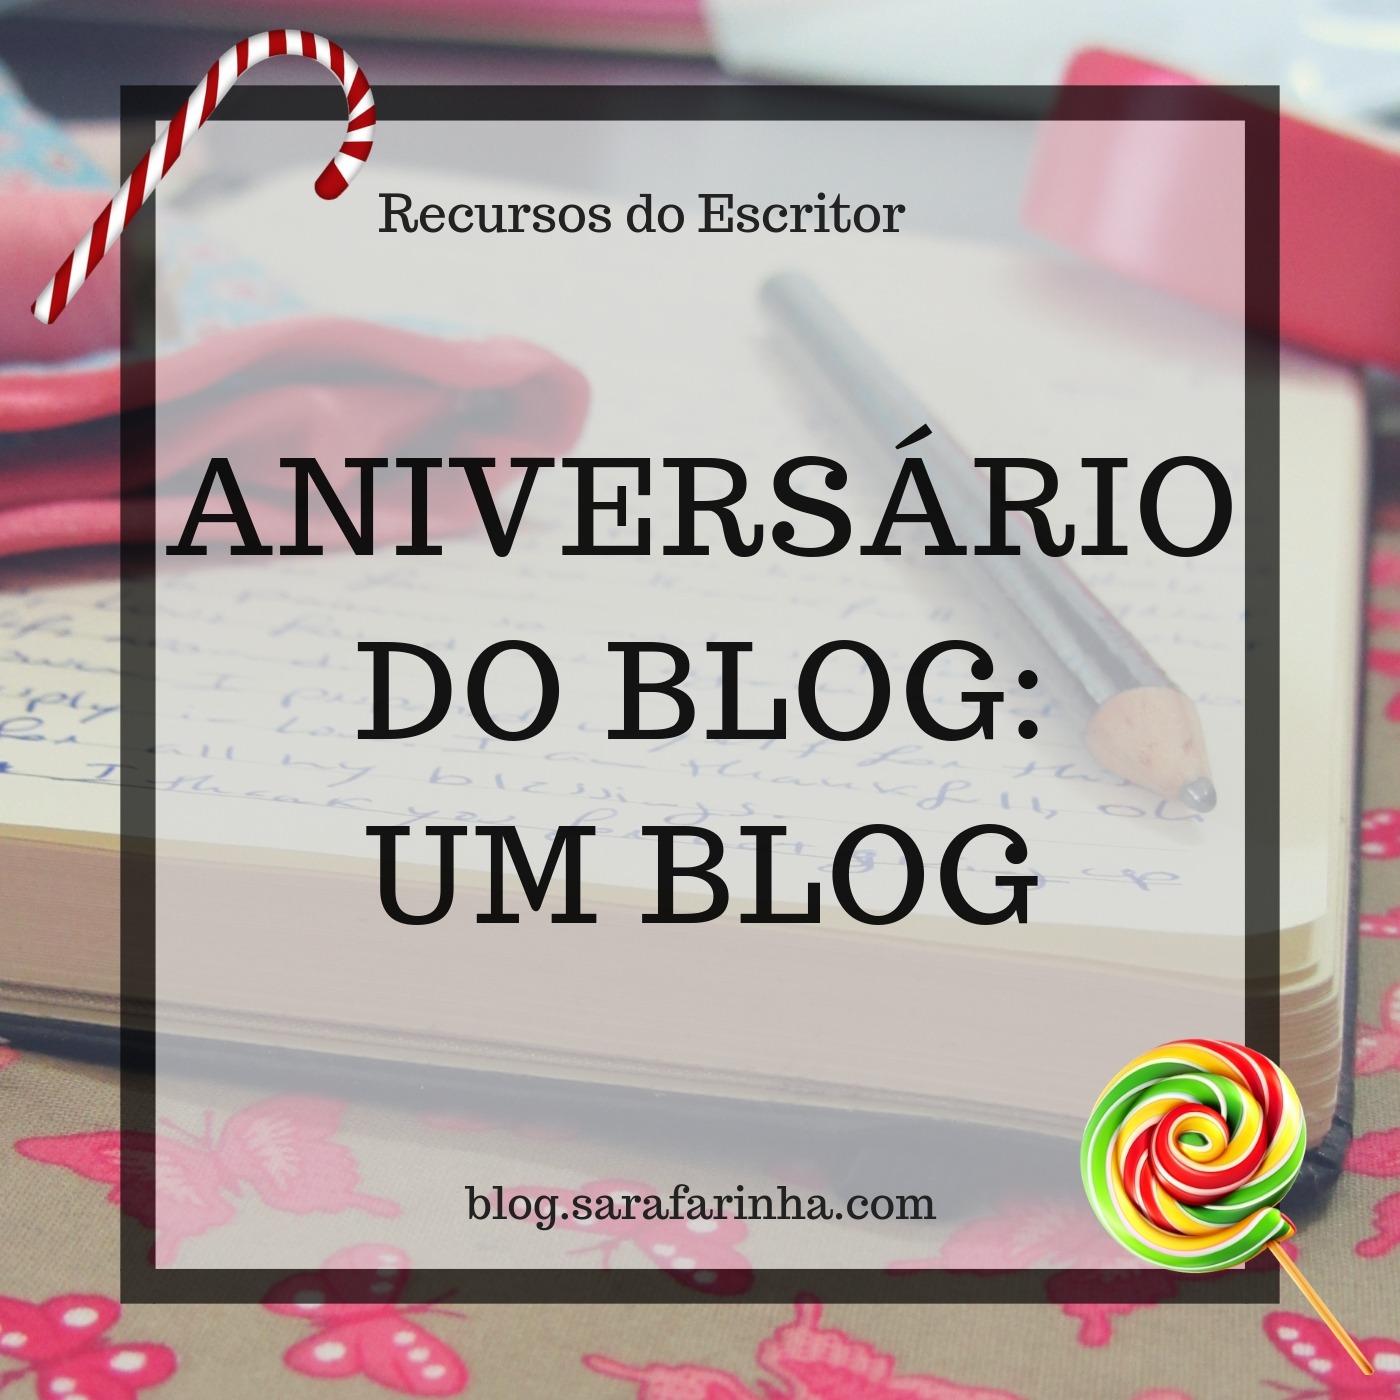 um blog